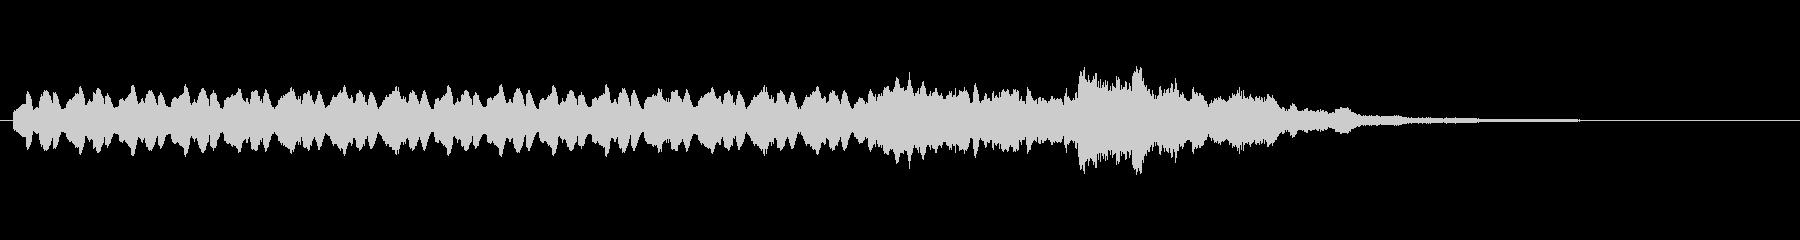 シンセサイザー、ピアノ、雰囲気のあ...の未再生の波形